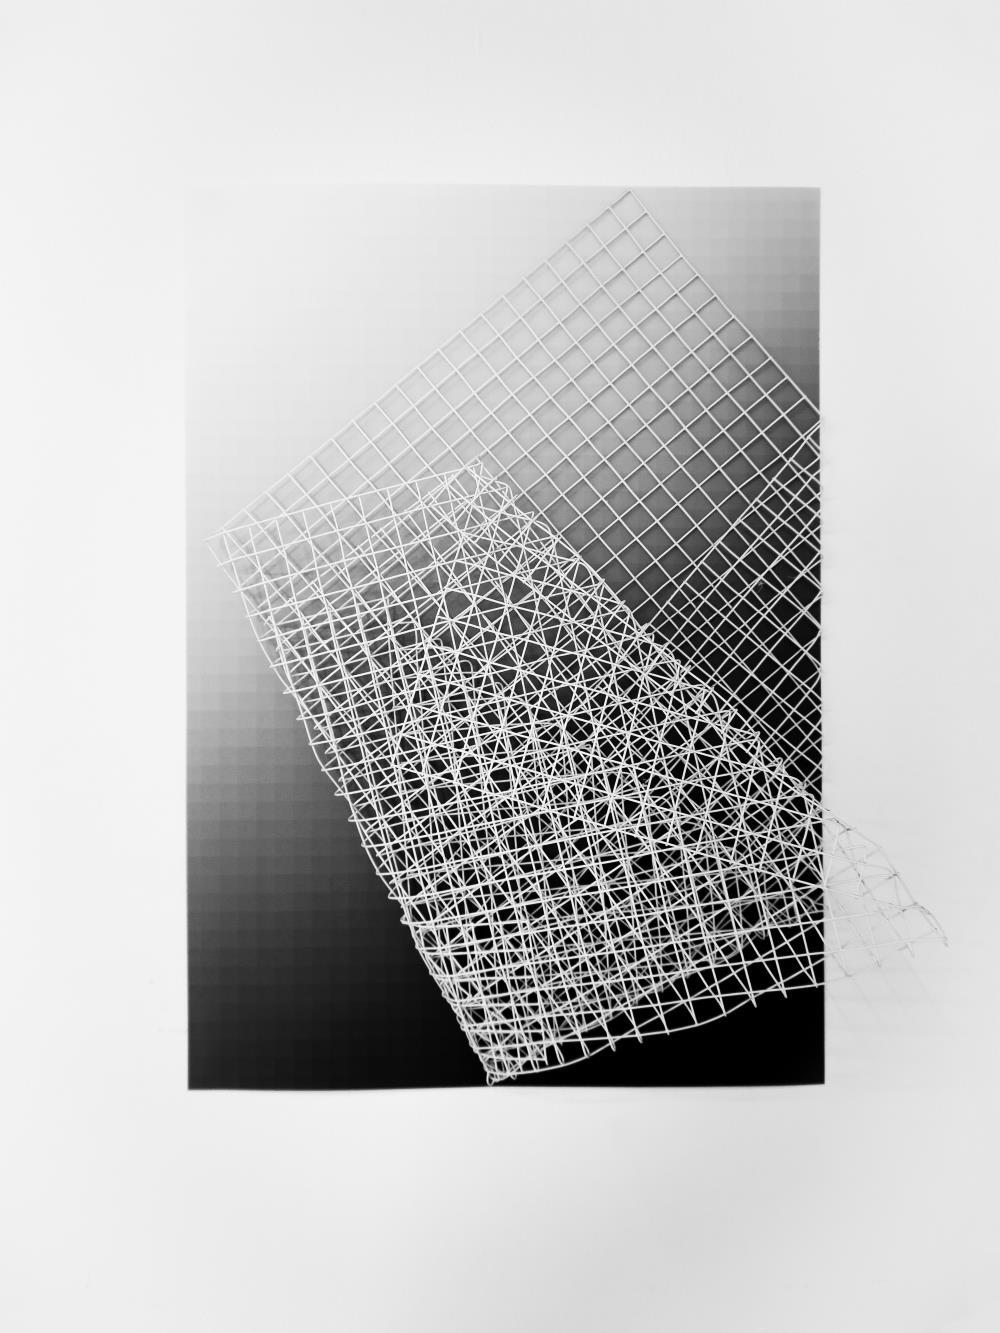 Kútvölgyi-Szabó Áron: In between grids. installáció. részlet. 2016